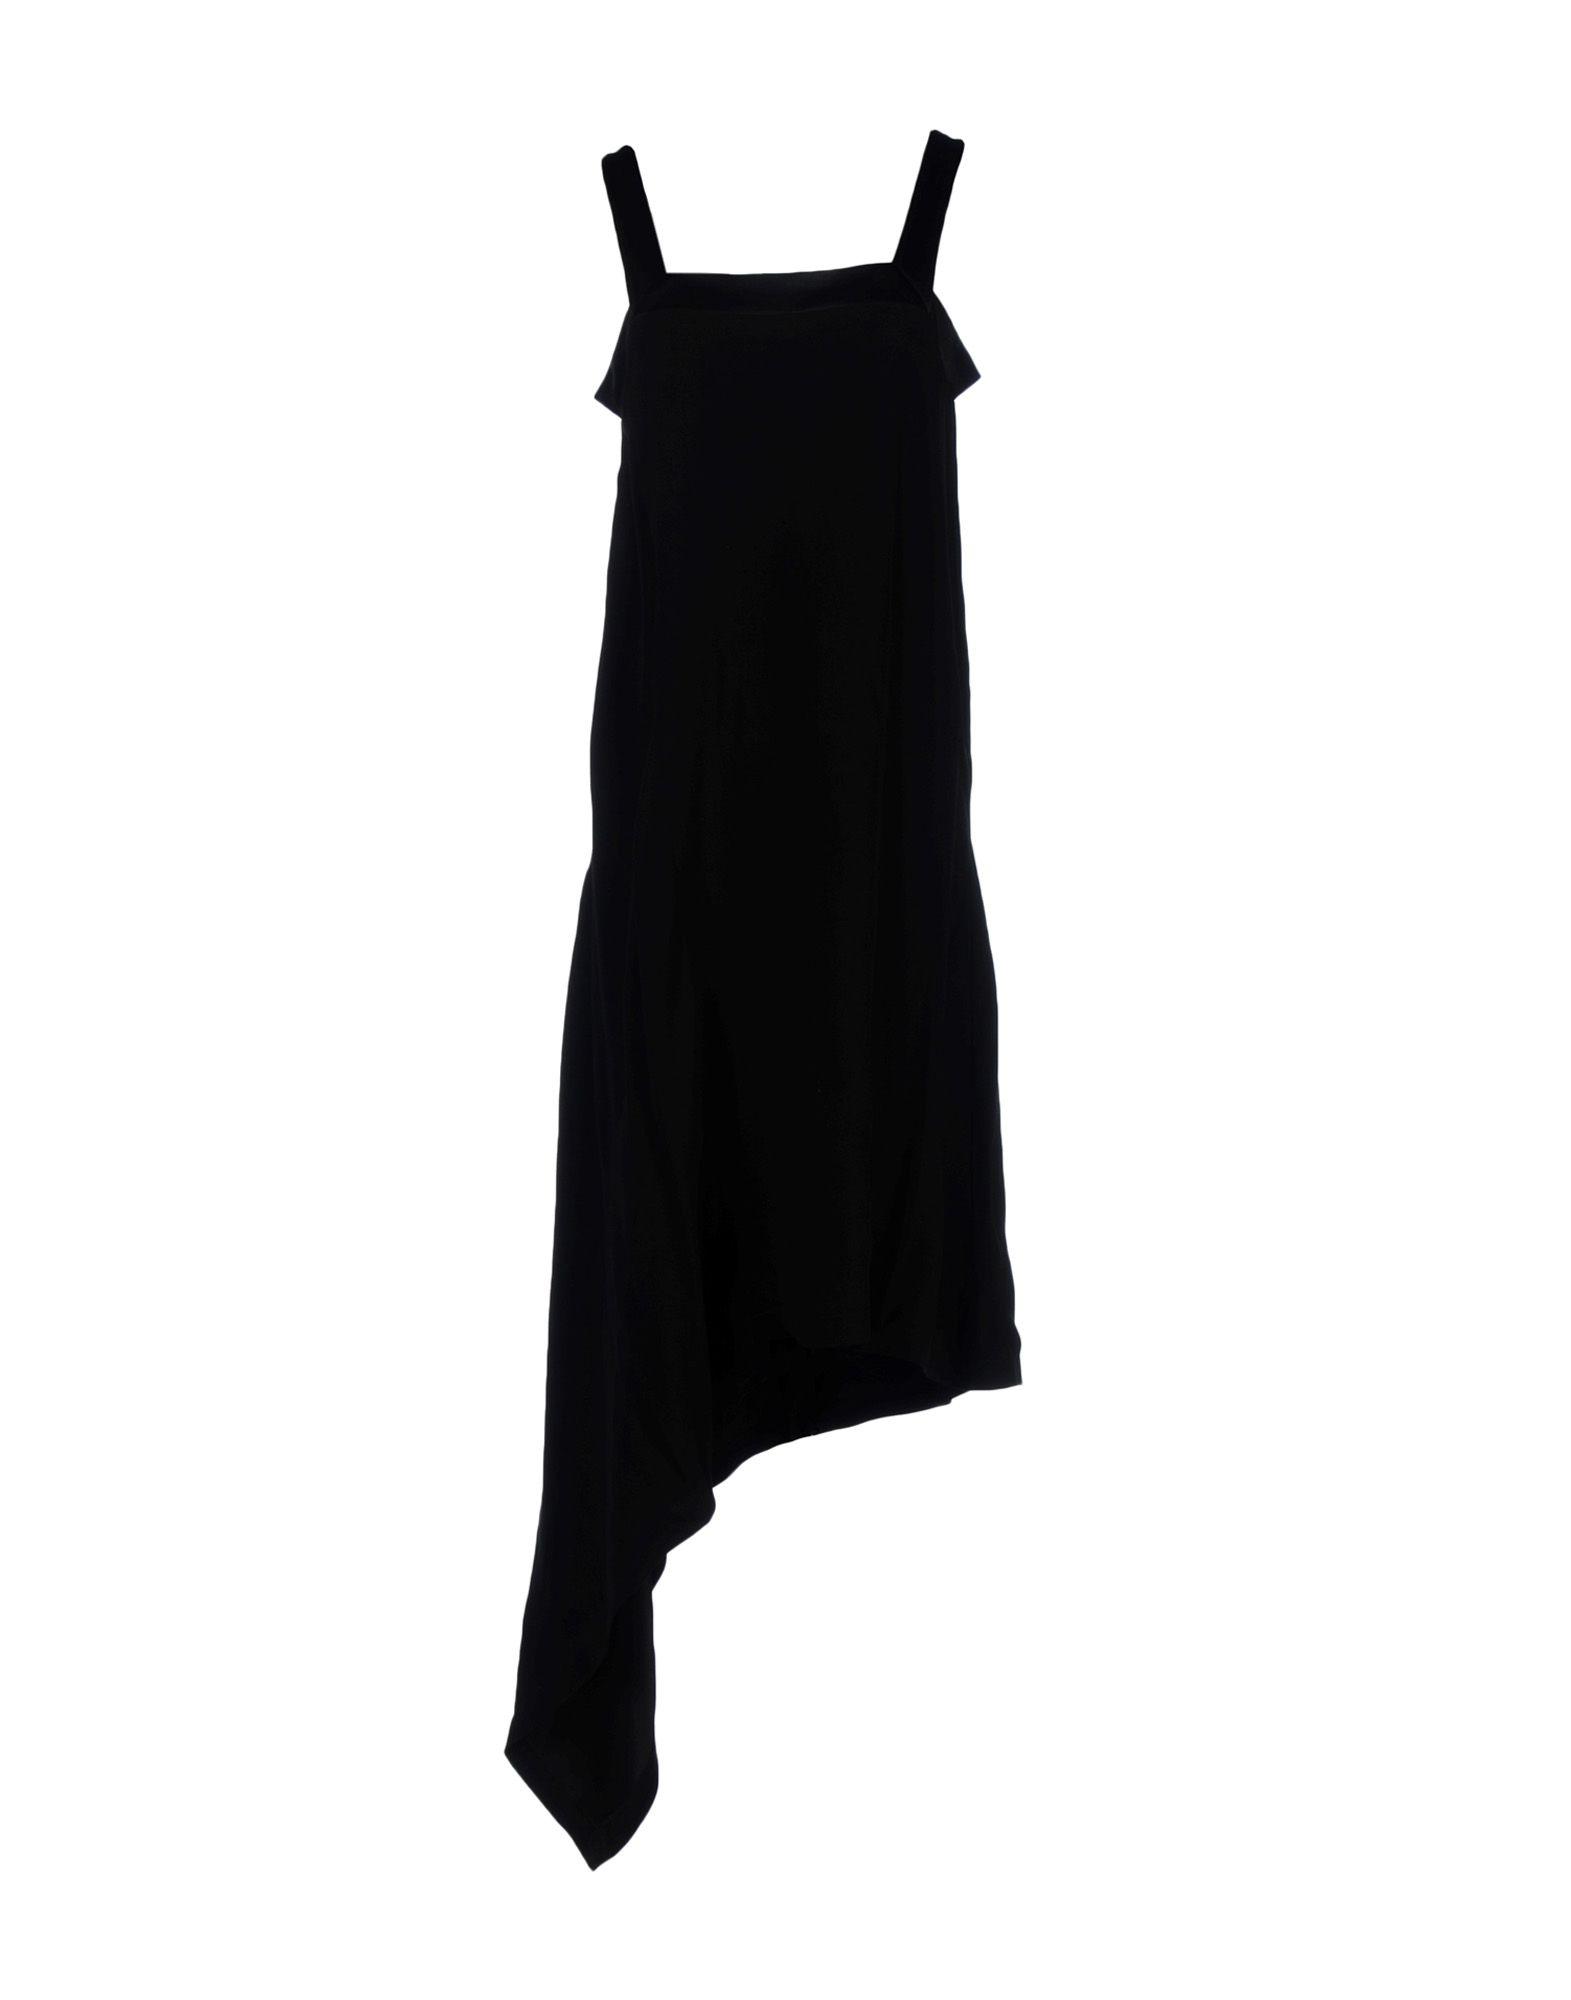 _M GRAY Damen Knielanges Kleid Farbe Schwarz Größe 5 jetztbilligerkaufen